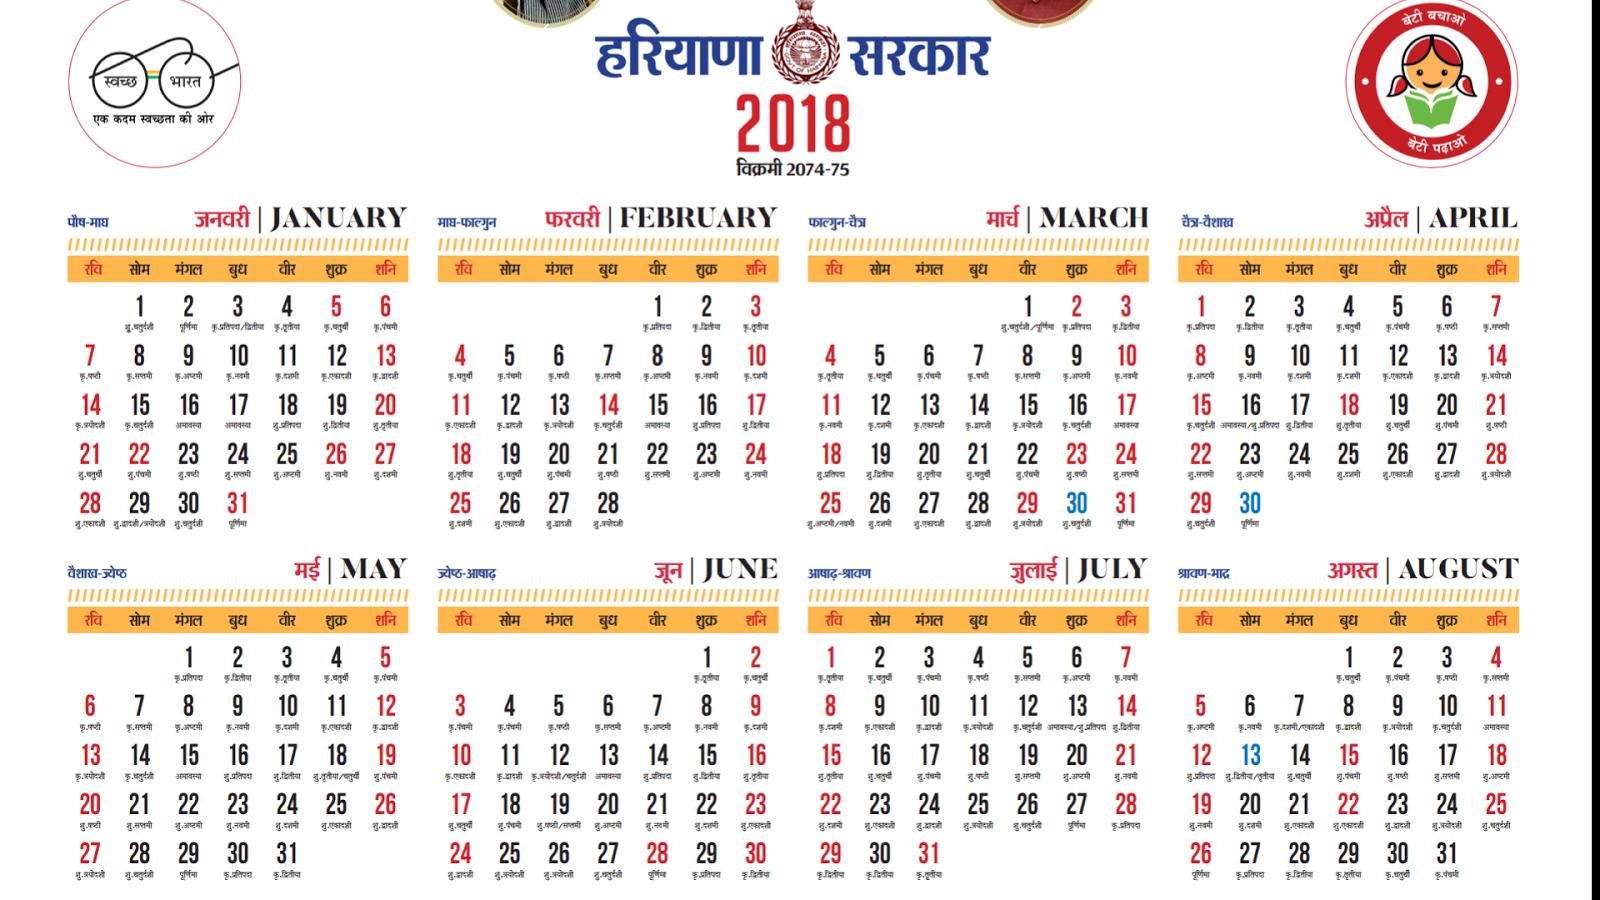 Haryana Govt Holidays 2018.